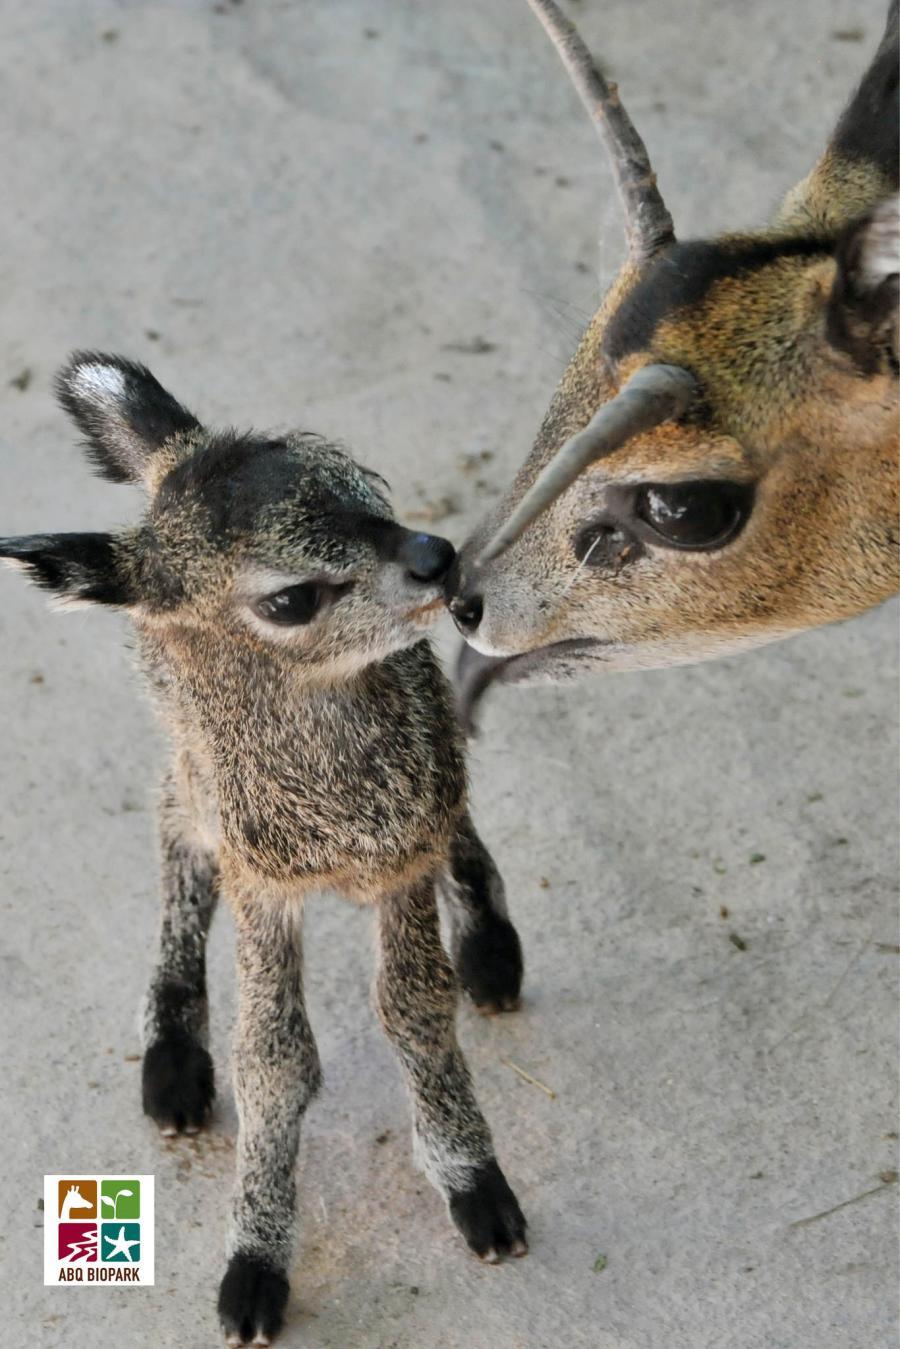 Baby Klipspringer ABQ BioPark Zoo